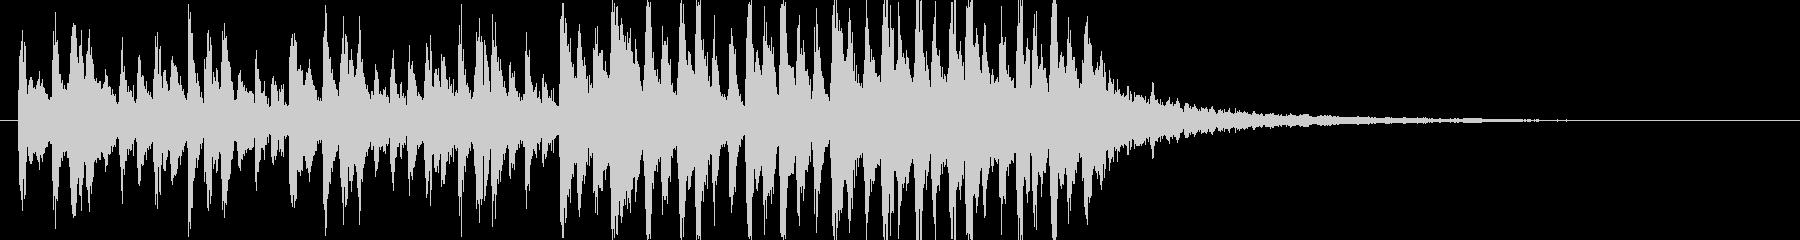 しゅわーんの未再生の波形